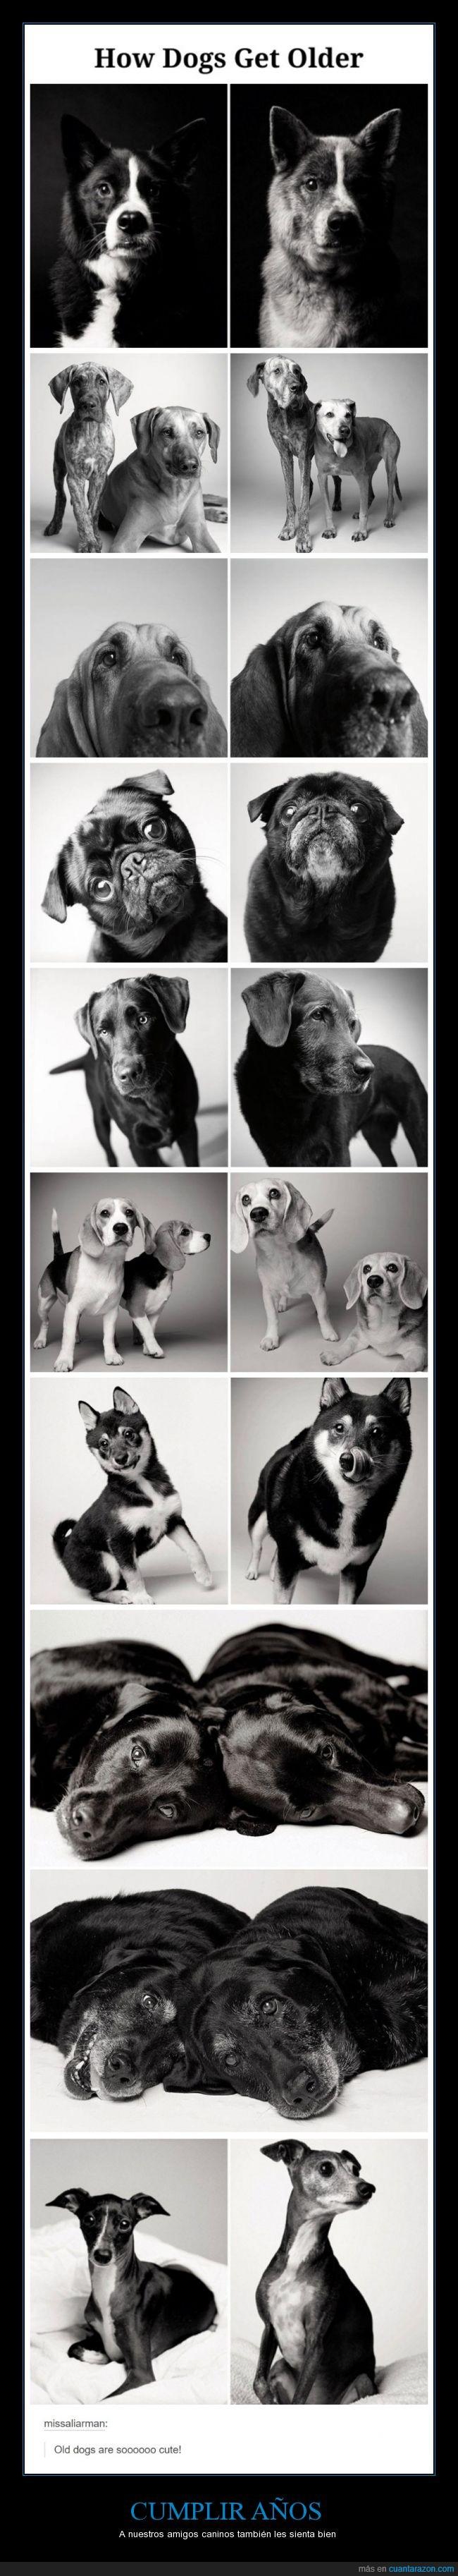 año,canas,crecer,edad,evolución,perrete,perro